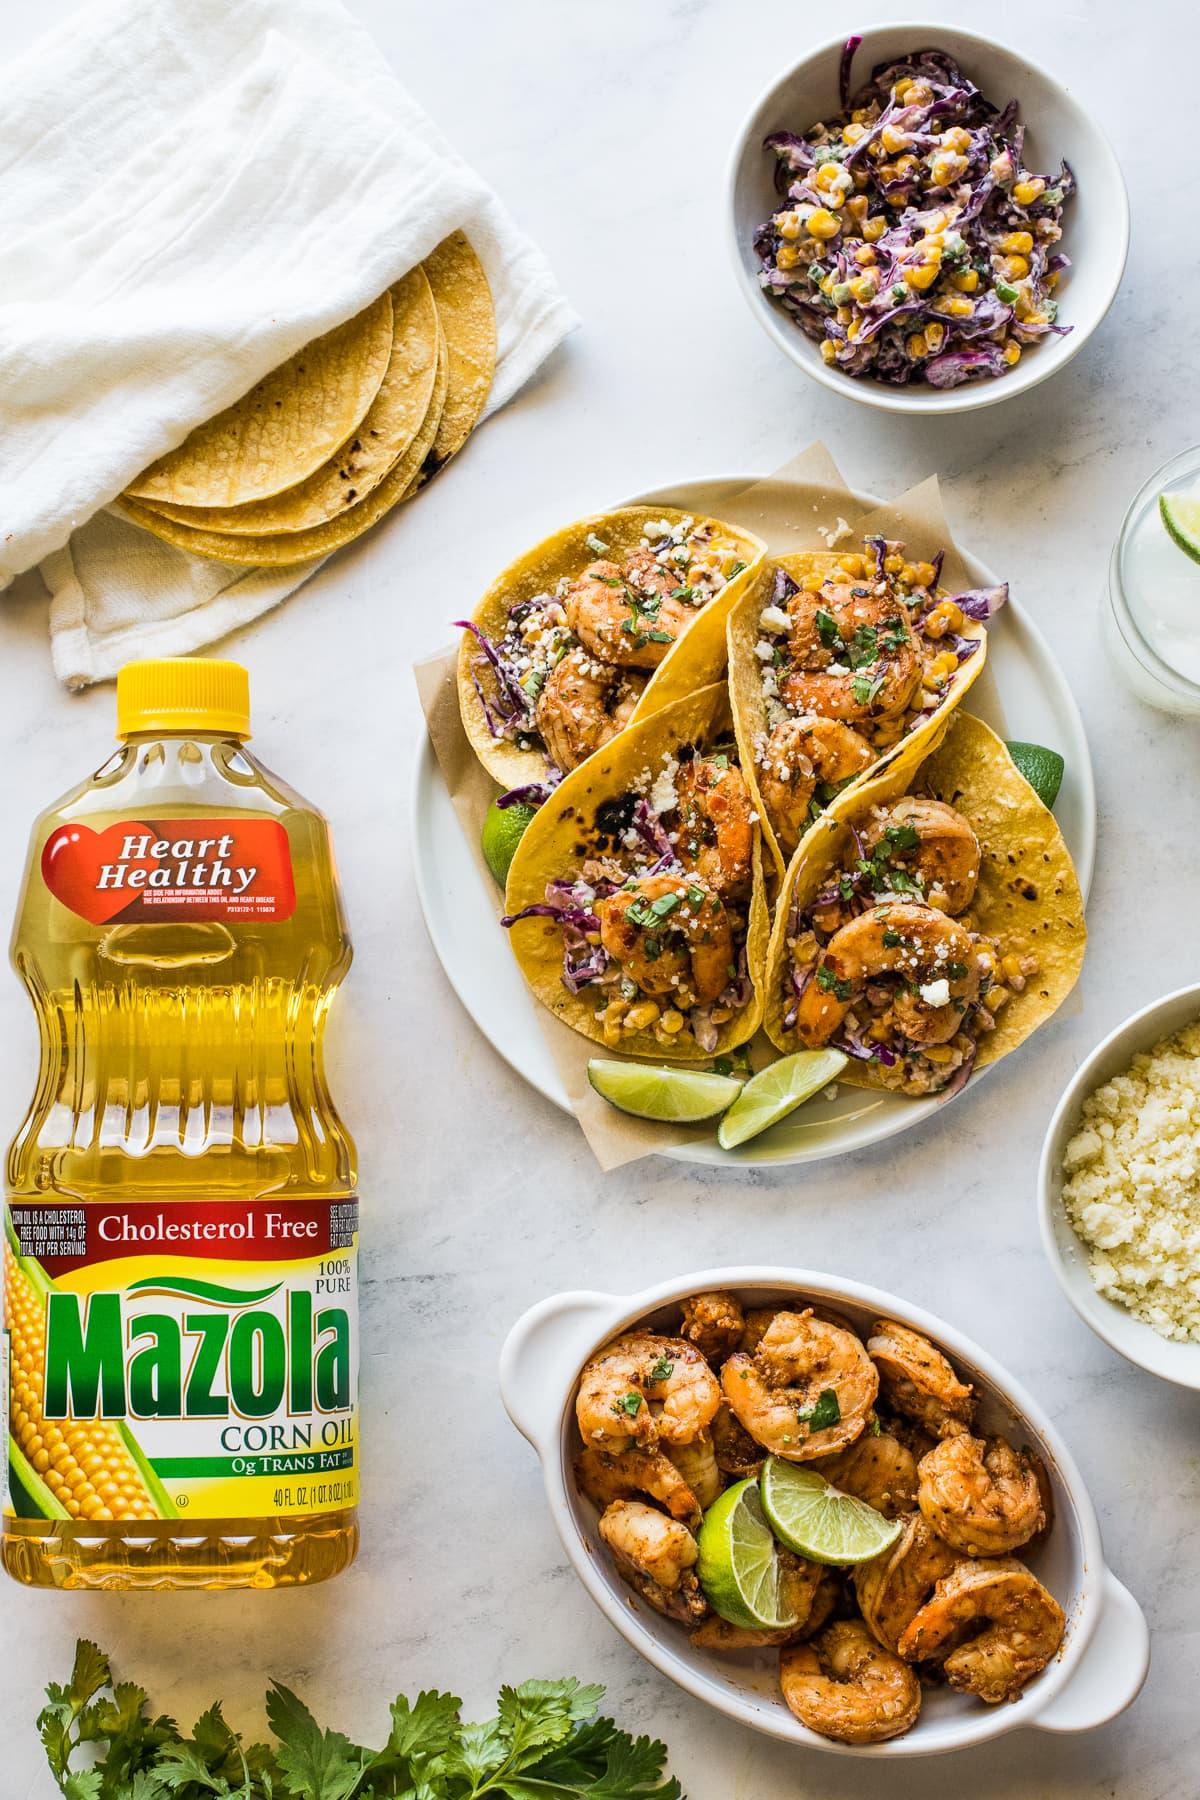 Tacos picantes de camarones en un plato junto a tortillas de maíz, ensalada de elote, queso cotija y más.